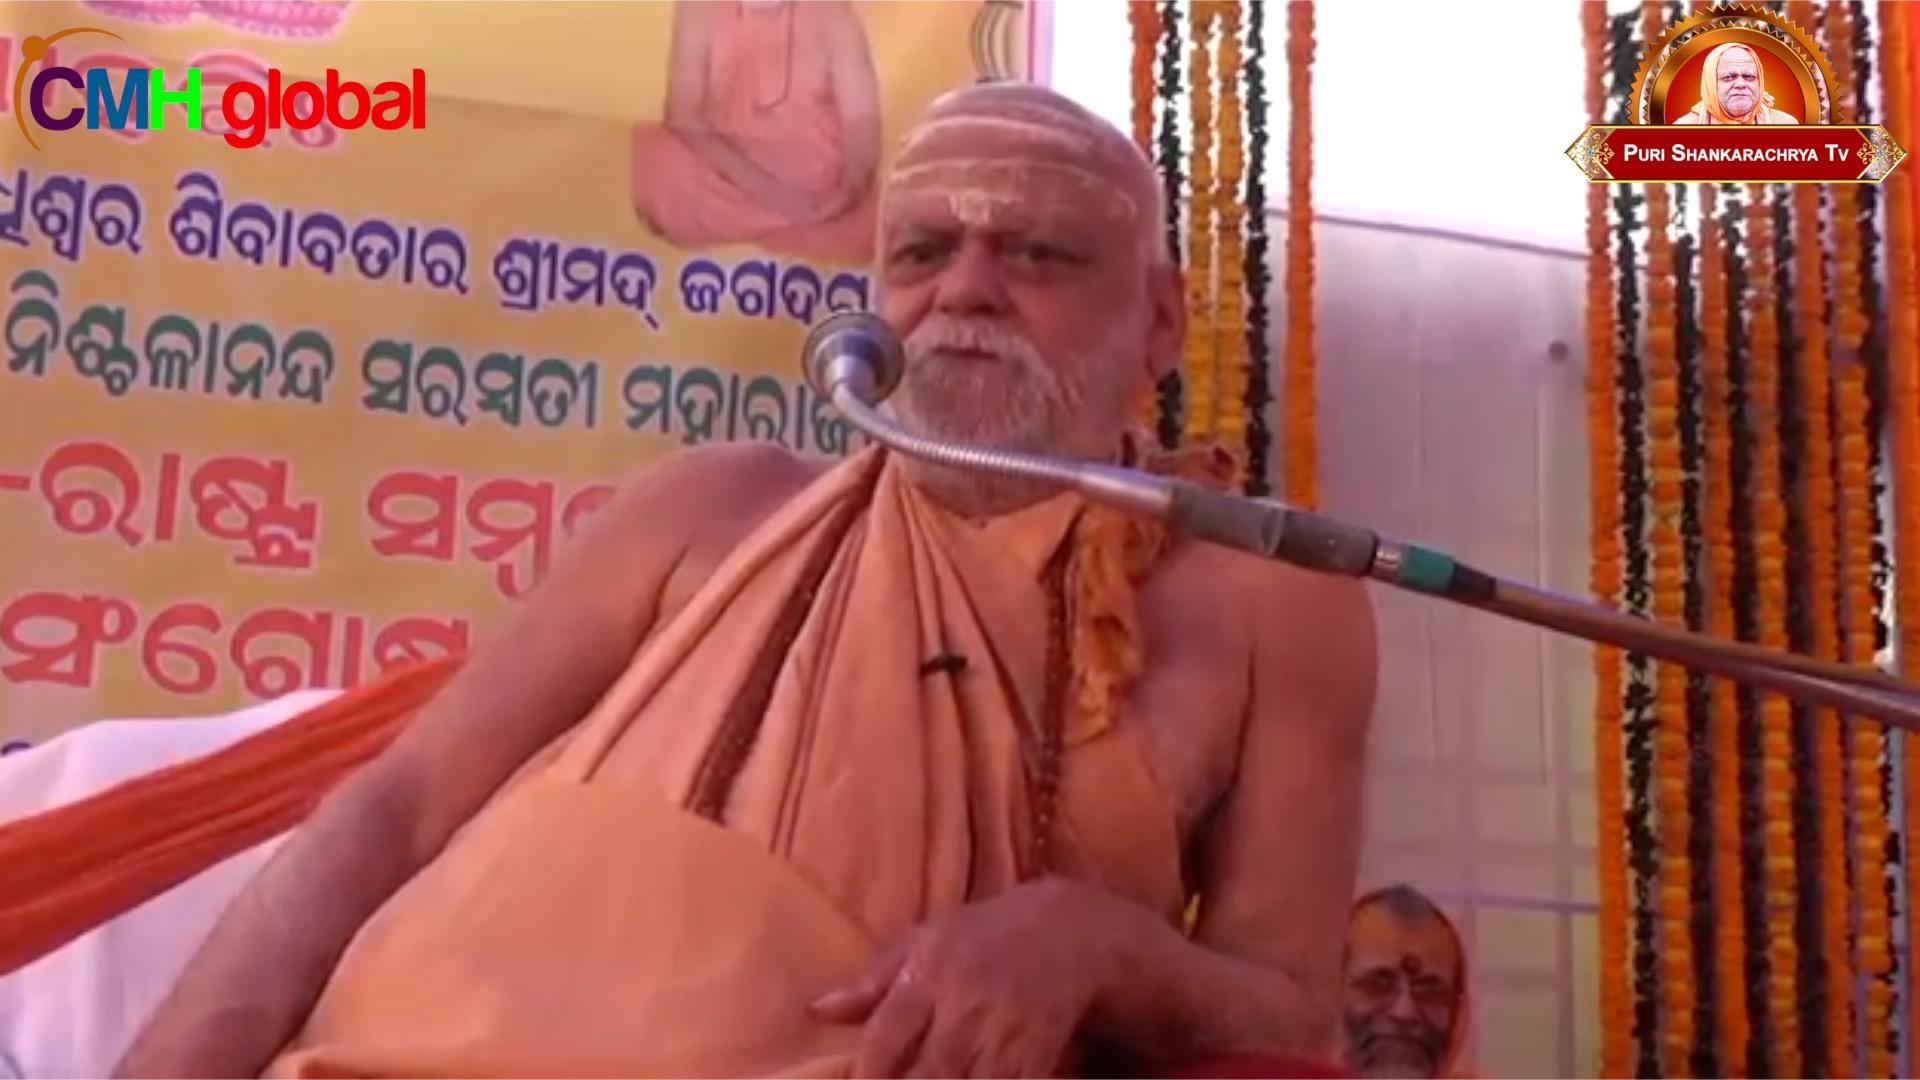 Pravachan Ep -02 by Puri Shankaracharya Swami Nishchalananda Saraswati Ji